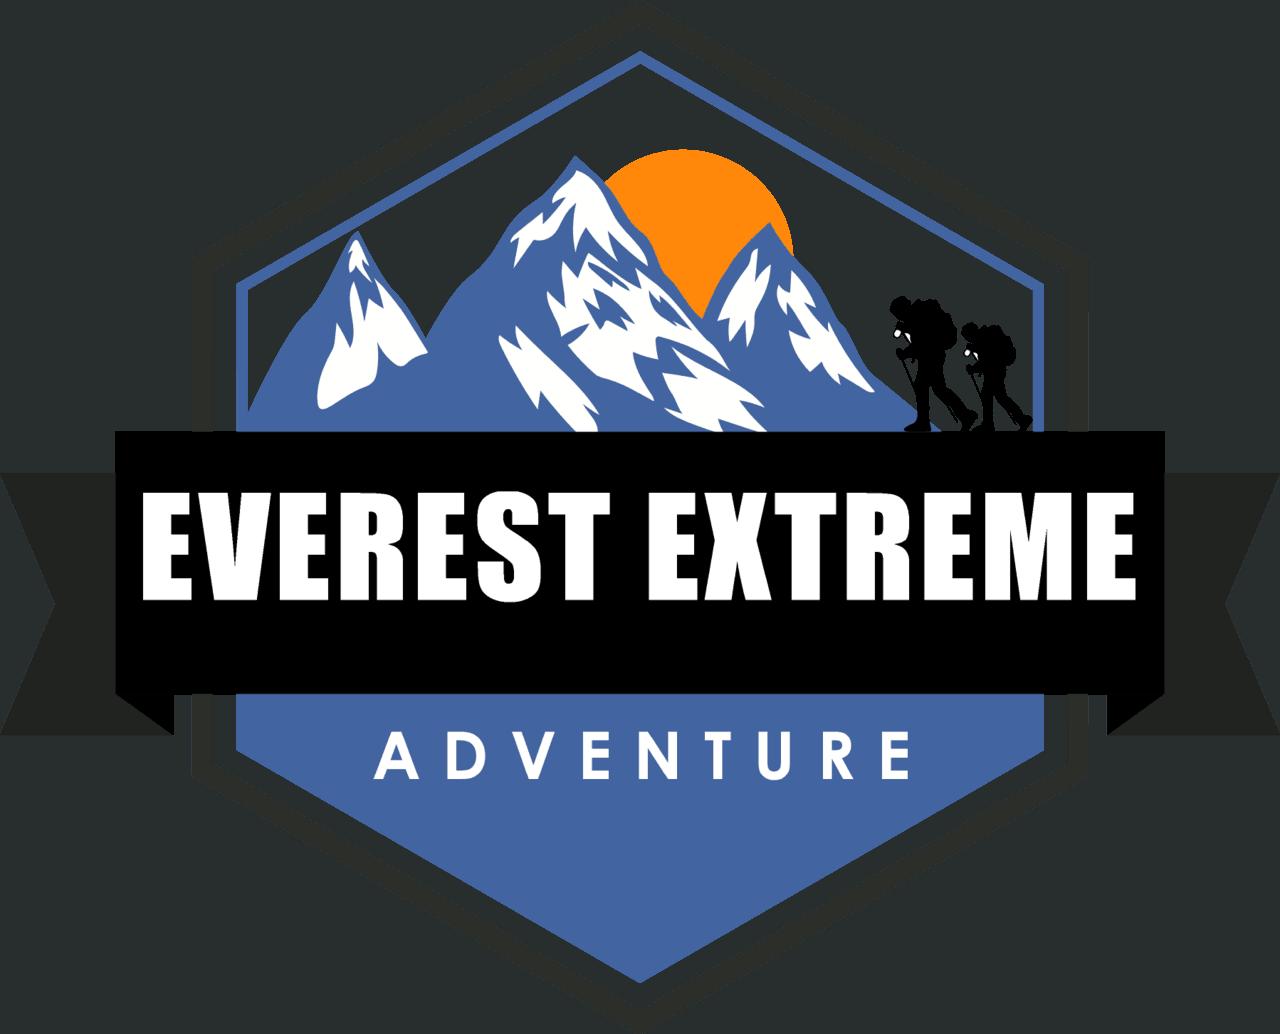 Everest Extreme Adventure